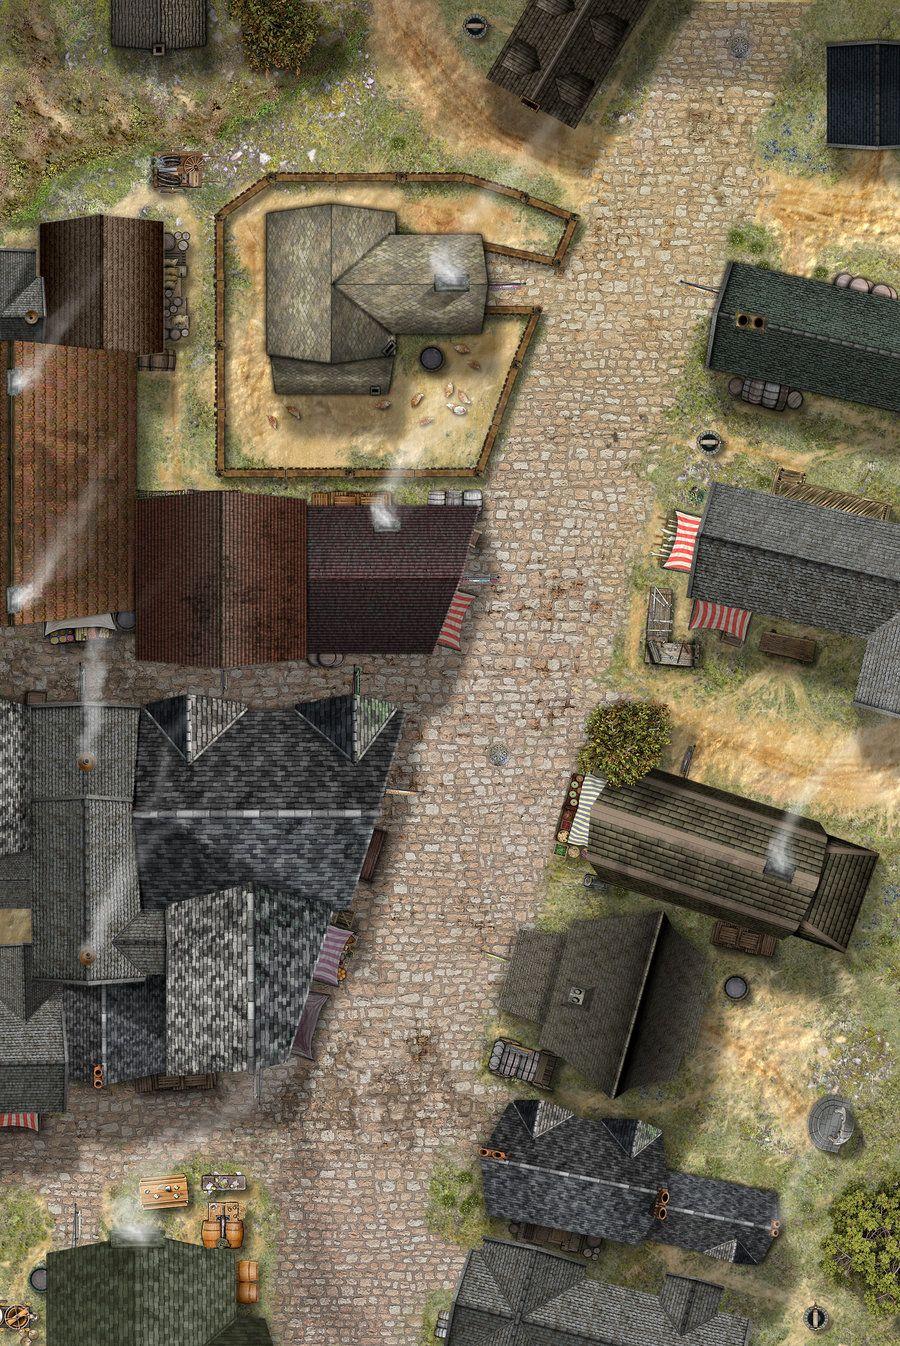 Dnd Street Map : street, Street, Hero339, DeviantART, Fantasy, Tabletop, Maps,